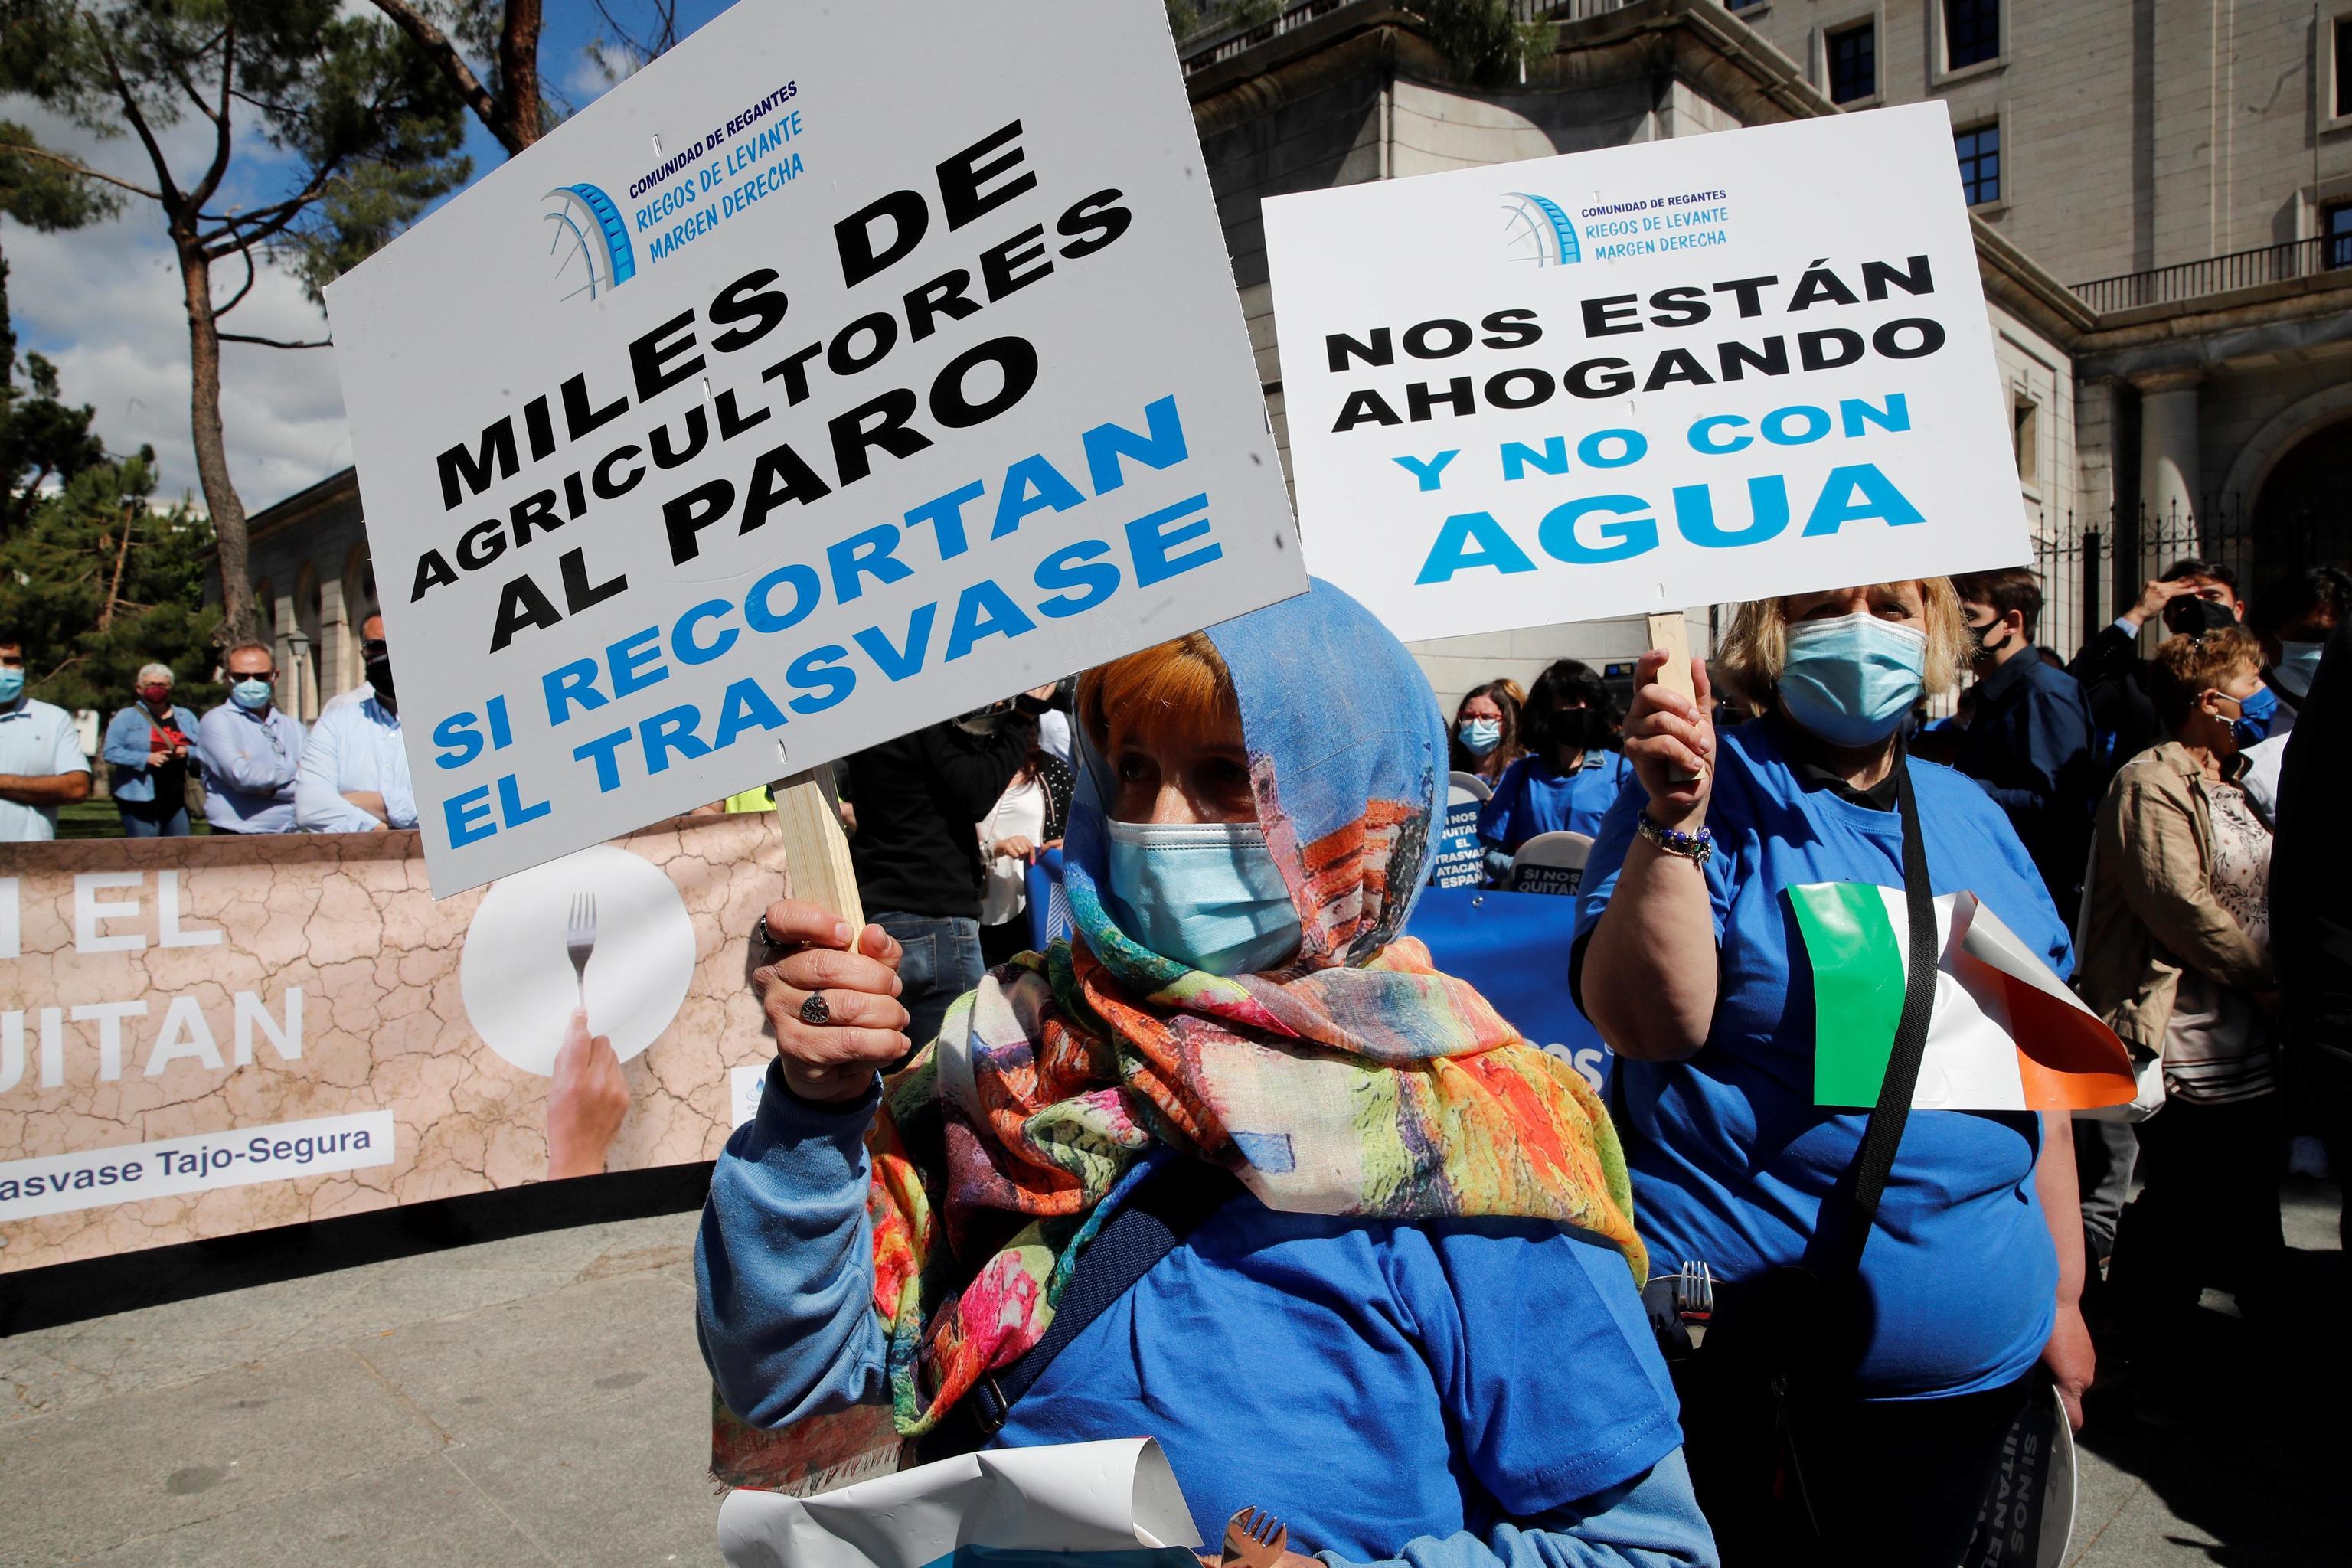 Protesta contra el recorte del trasvase Tajo-Segura en Madrid el pasado 24 de mayo.